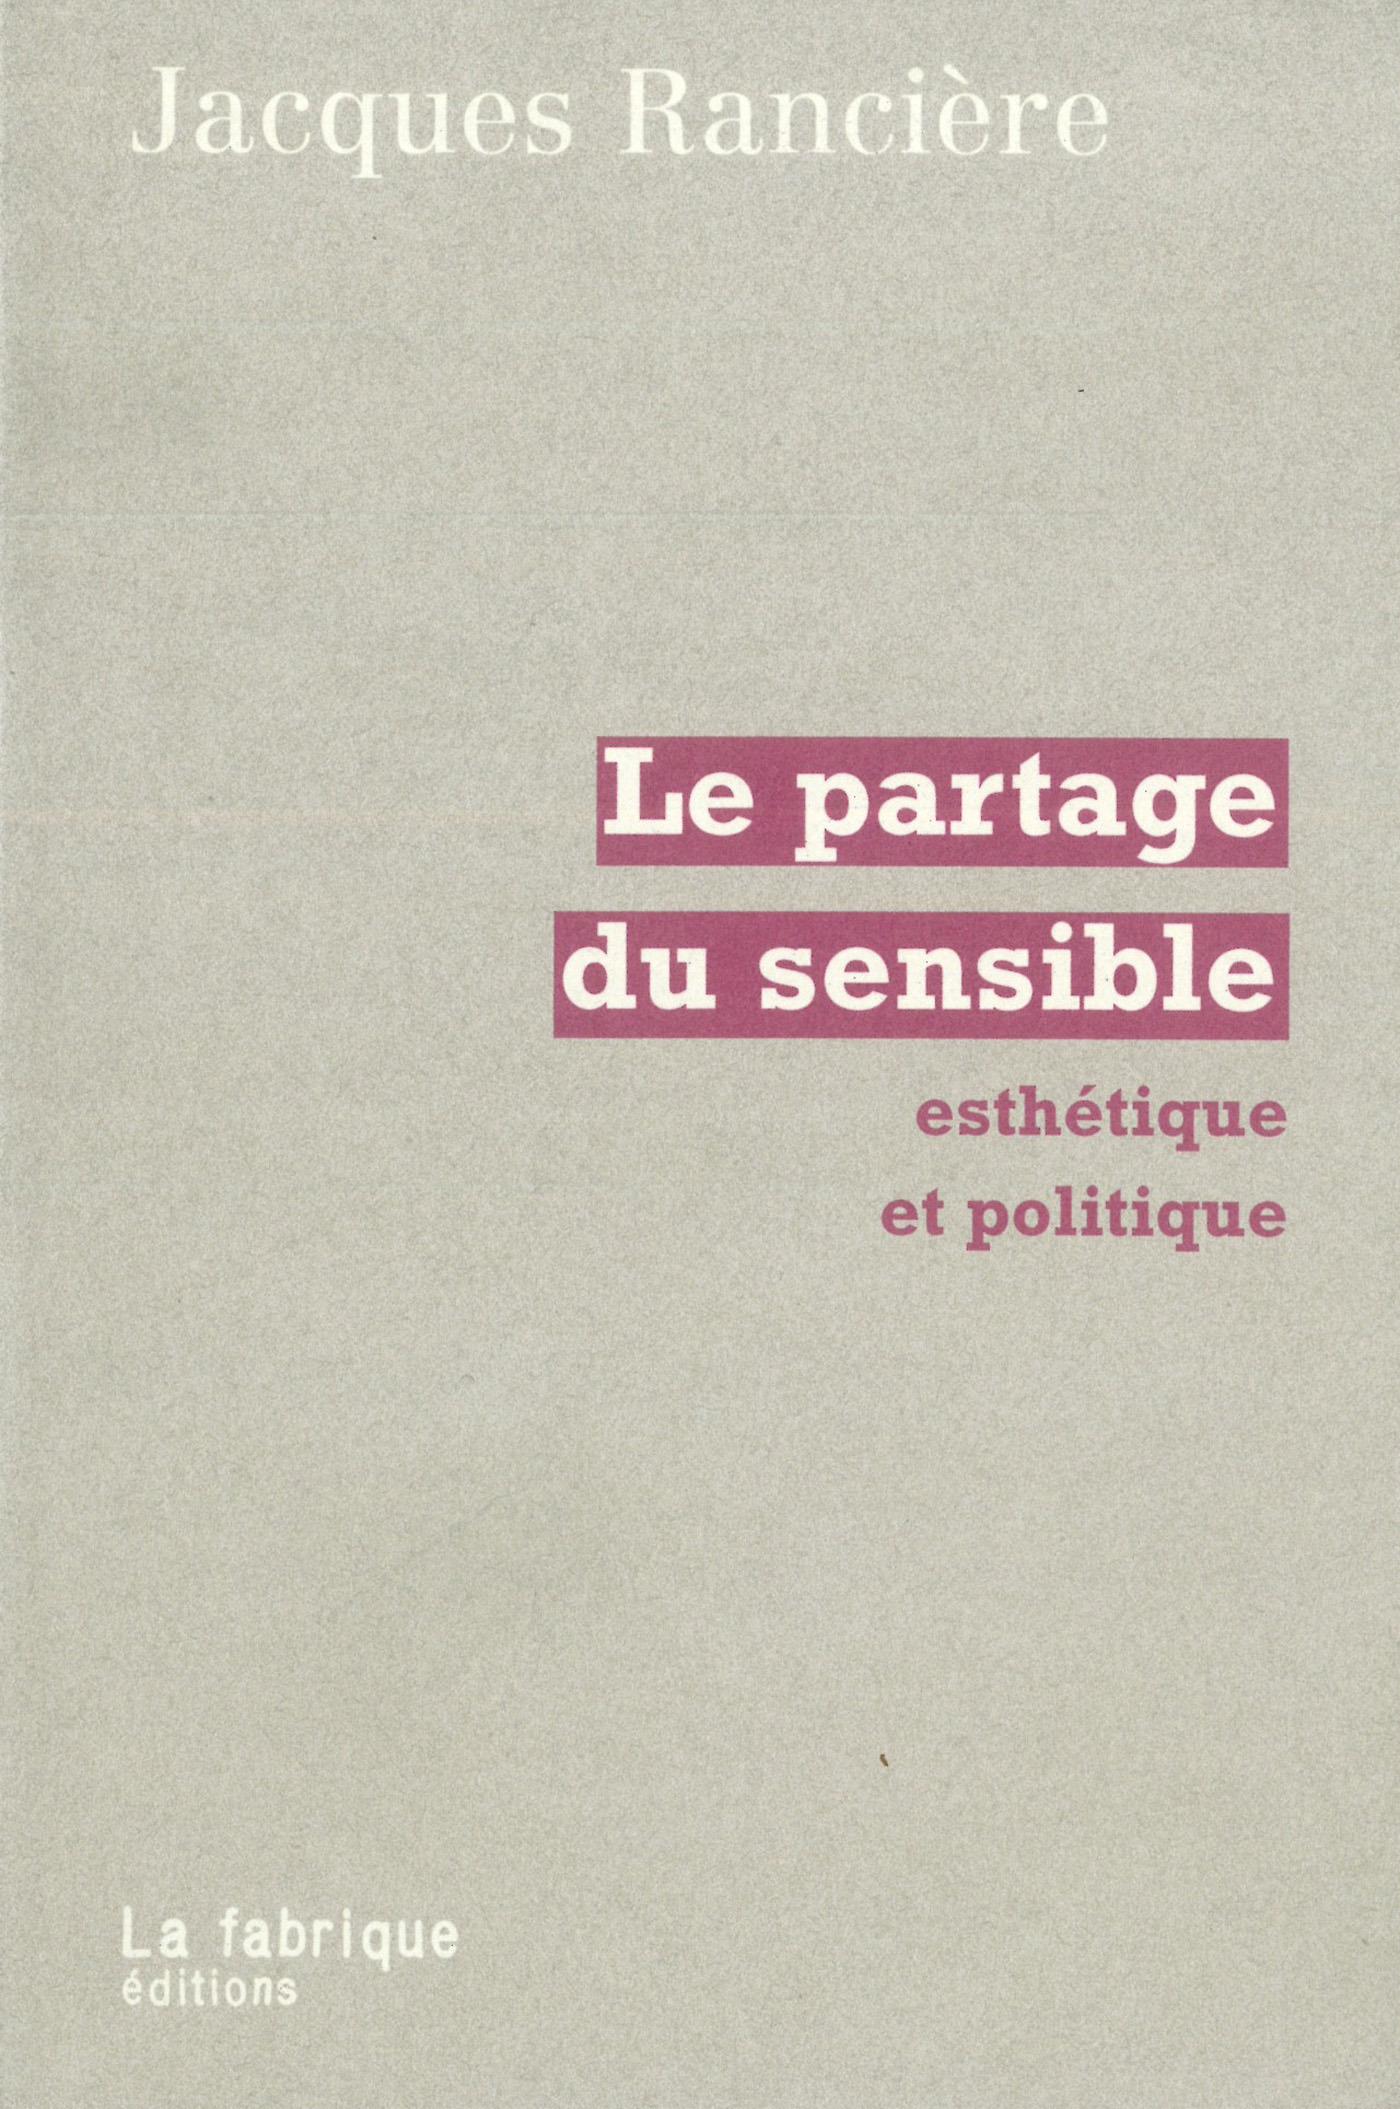 Le partage du sensible - esthetique et politique